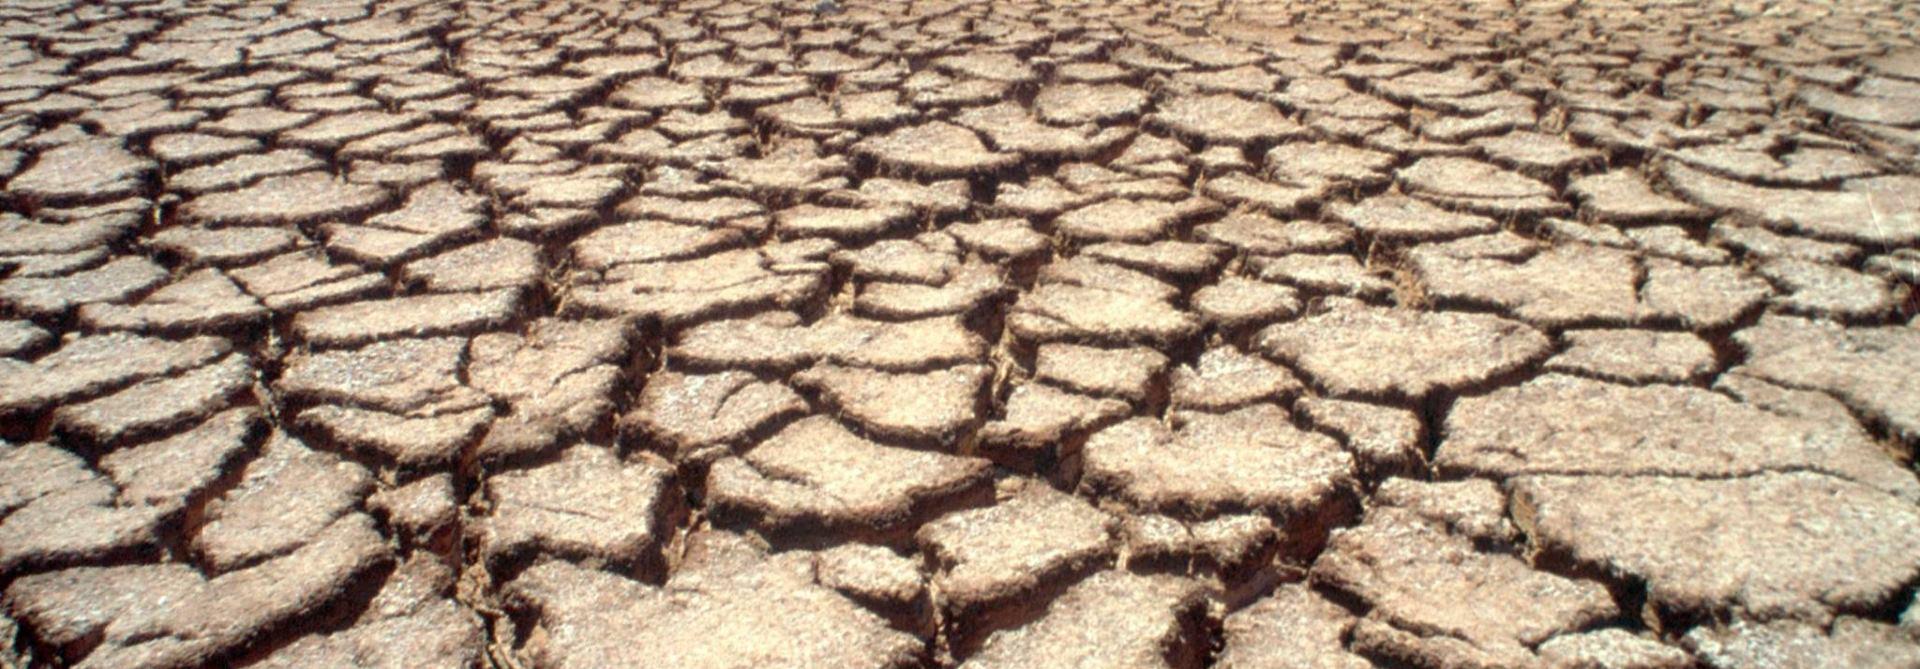 VIDEO: Velika suša u južnoj Africi upropastila usjeve